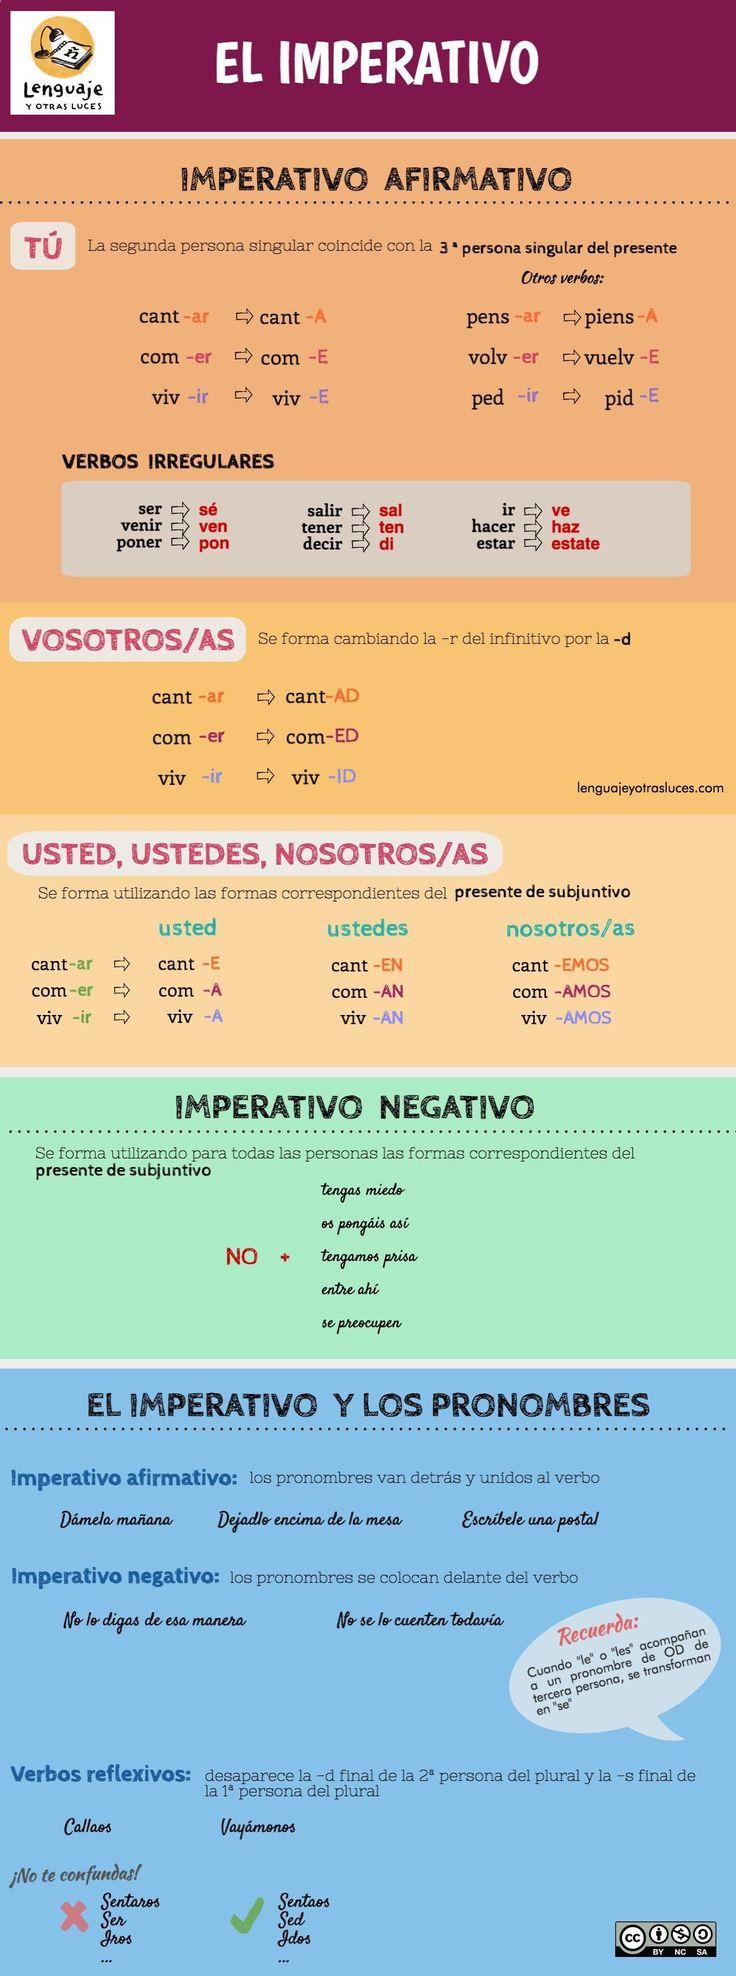 El Imperativo en español. Usos y formas. Infografía ELEhttps://lenguajeyotrasluces.com/2017/01/20/imperativo-en-espanol-usos-forma/